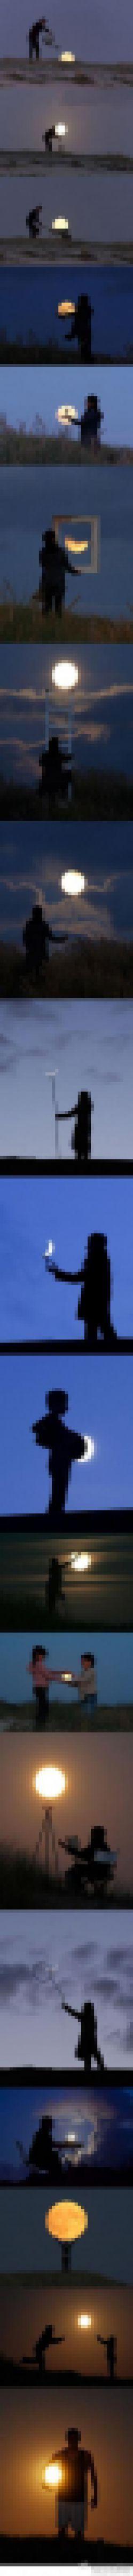 مهتاب و خلاقیت